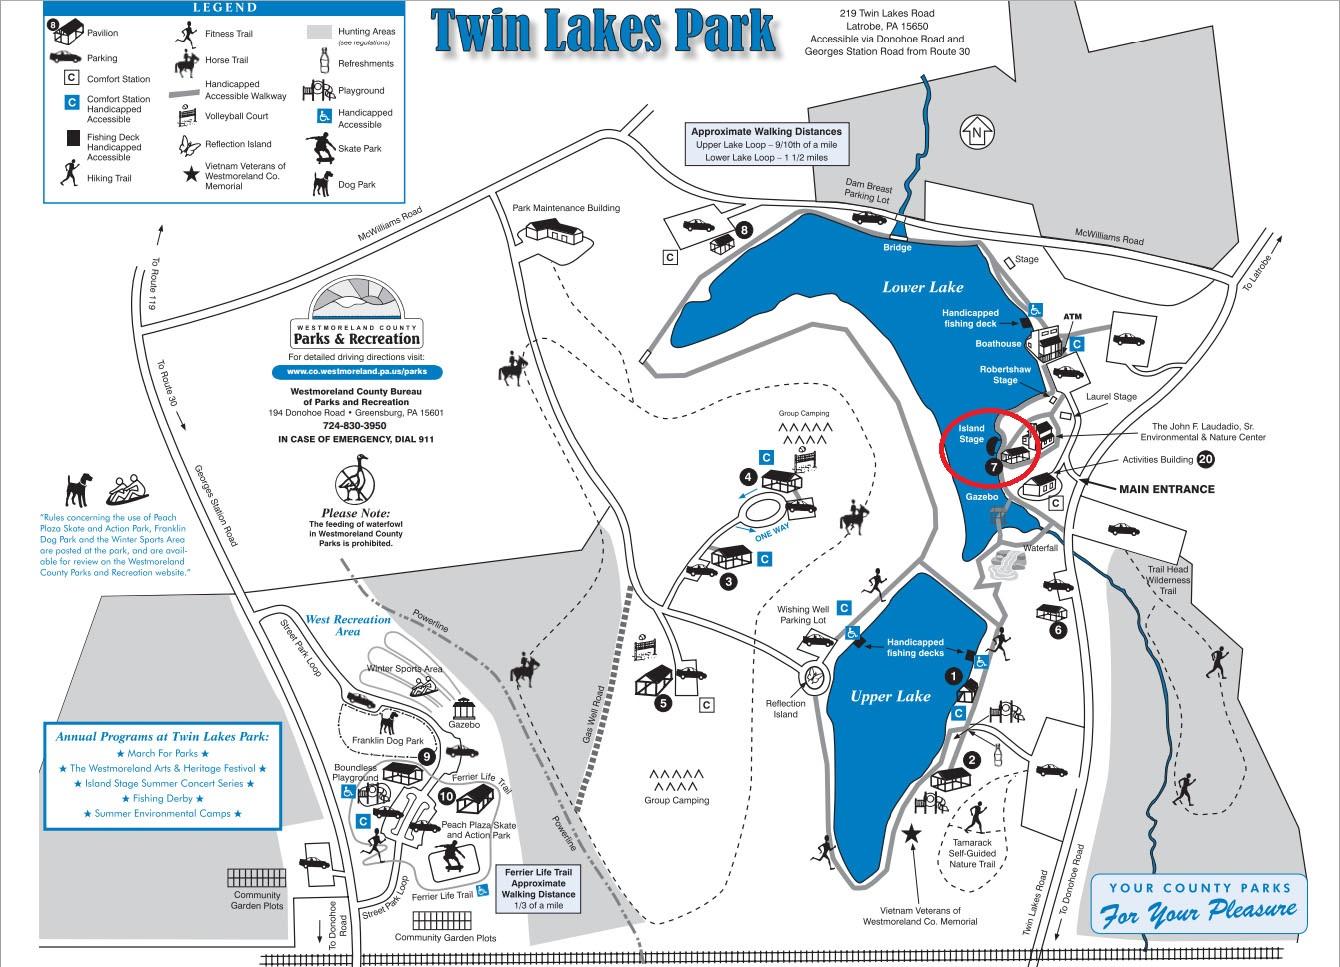 map of twin lakes Map Of Twin Lakes map of twin lakes